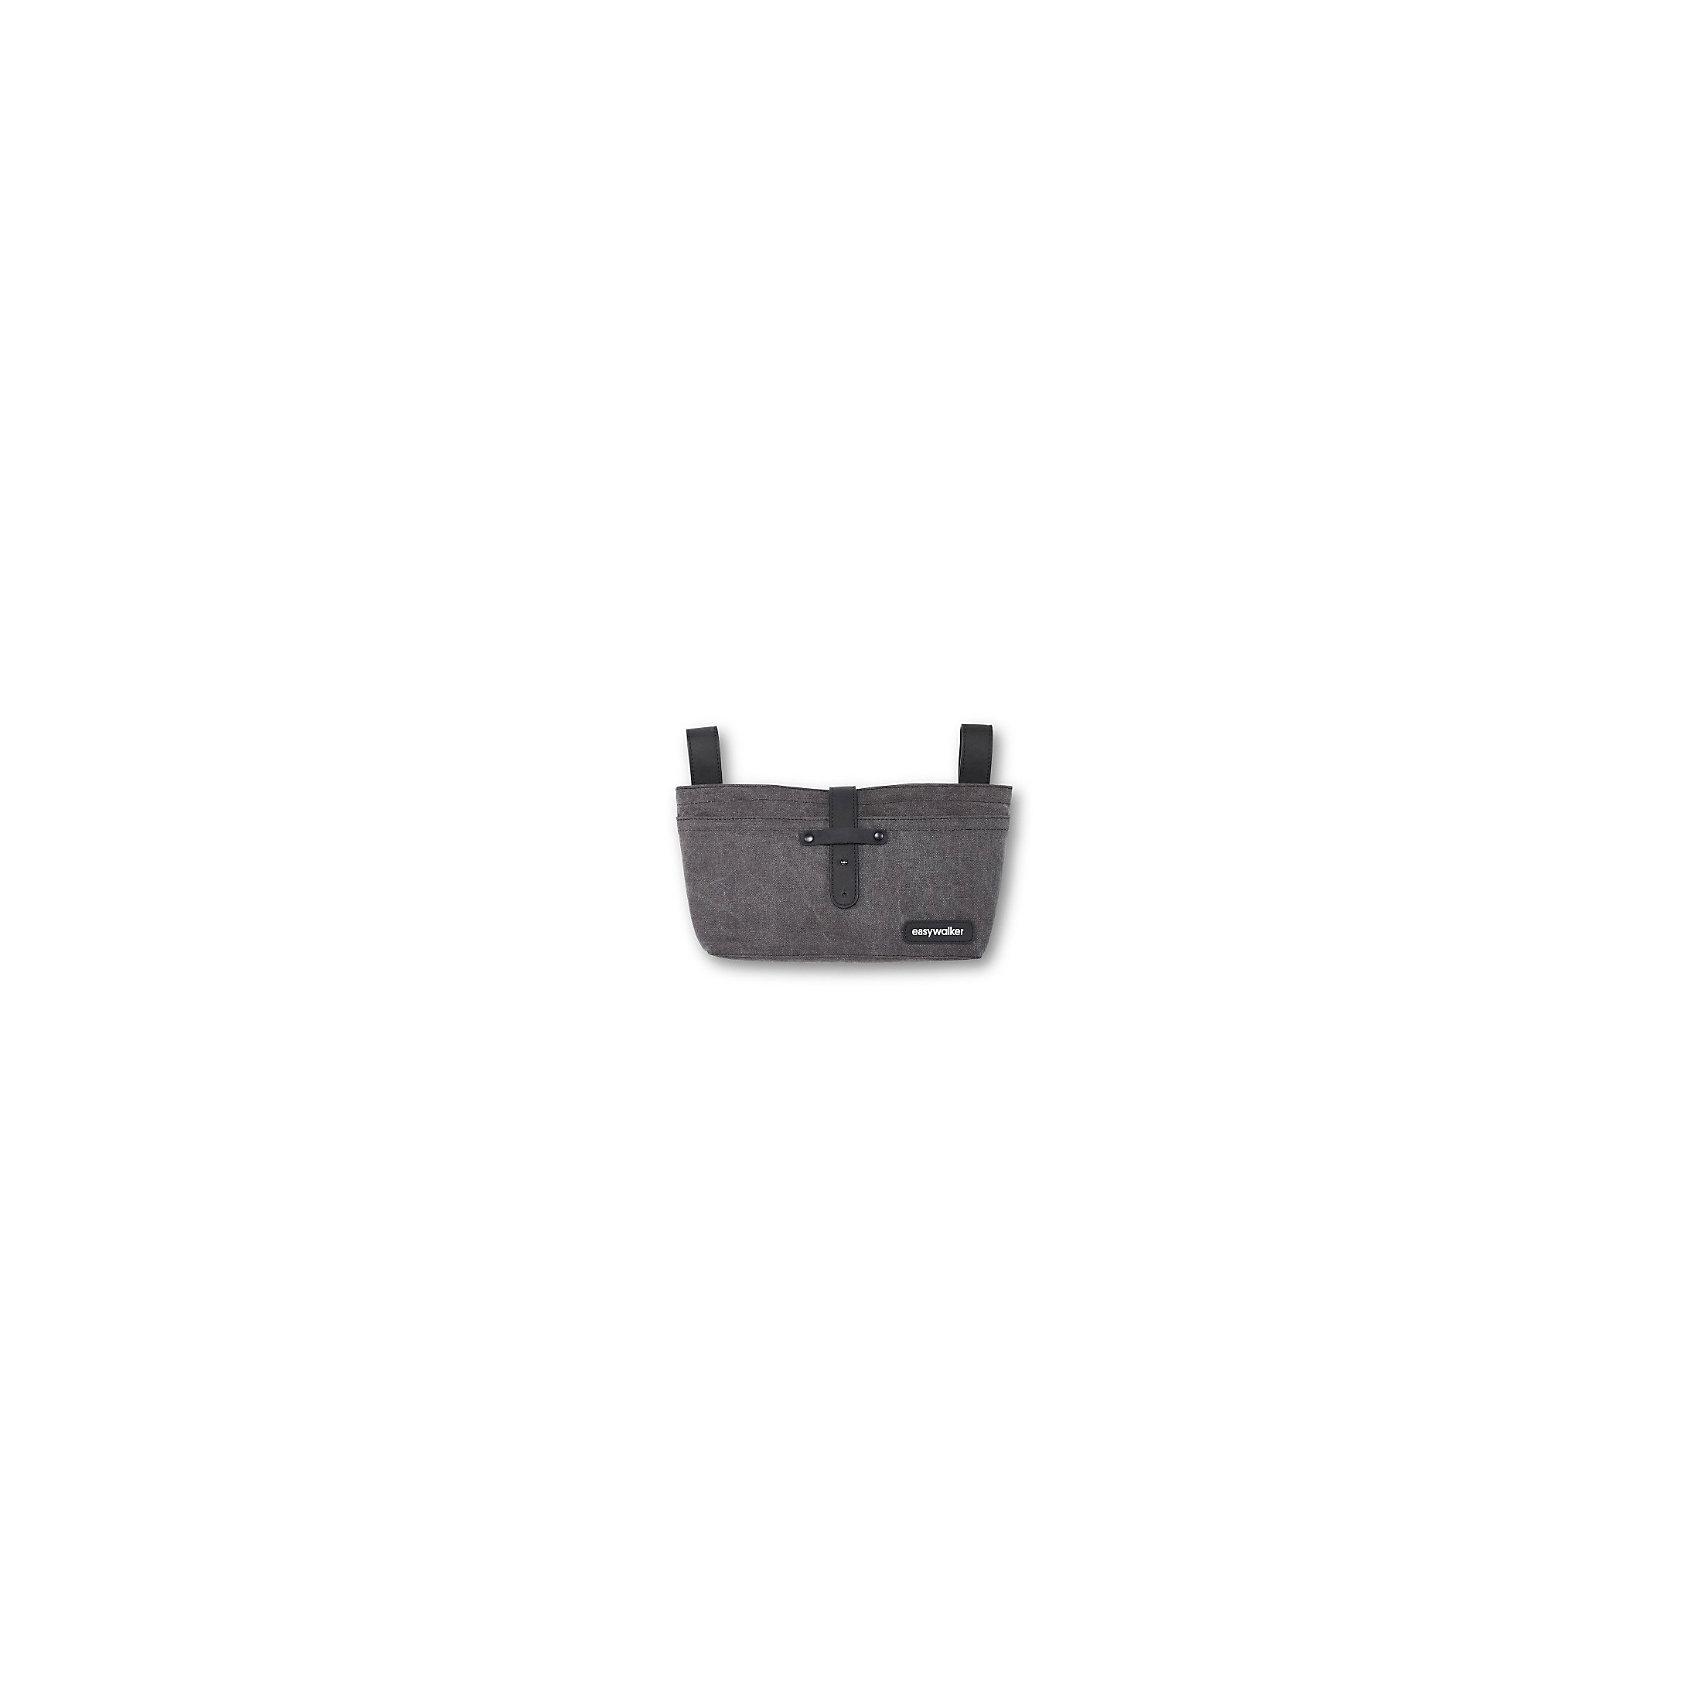 Сумка органайзер для коляски, EasywalkerАксессуары для колясок<br>Характеристики:<br><br>• сумка предназначена для всех моделей колясок Easywalker;<br>• регулируемые по длине ремни для крепления сумки к цельной ручке коляски;<br>• 2 отделения для бутылочек; <br>• карман для мелочей, отдел для ключей;<br>• материал: полиэстер с водоотталкивающей пропиткой;<br>• размер сумки: 36х29х5 см;<br>• вес: 350 г.<br><br>Сумку органайзер для коляски, Easywalker можно купить в нашем интернет-магазине.<br><br>Ширина мм: 360<br>Глубина мм: 50<br>Высота мм: 290<br>Вес г: 350<br>Возраст от месяцев: -2147483648<br>Возраст до месяцев: 2147483647<br>Пол: Унисекс<br>Возраст: Детский<br>SKU: 5613120